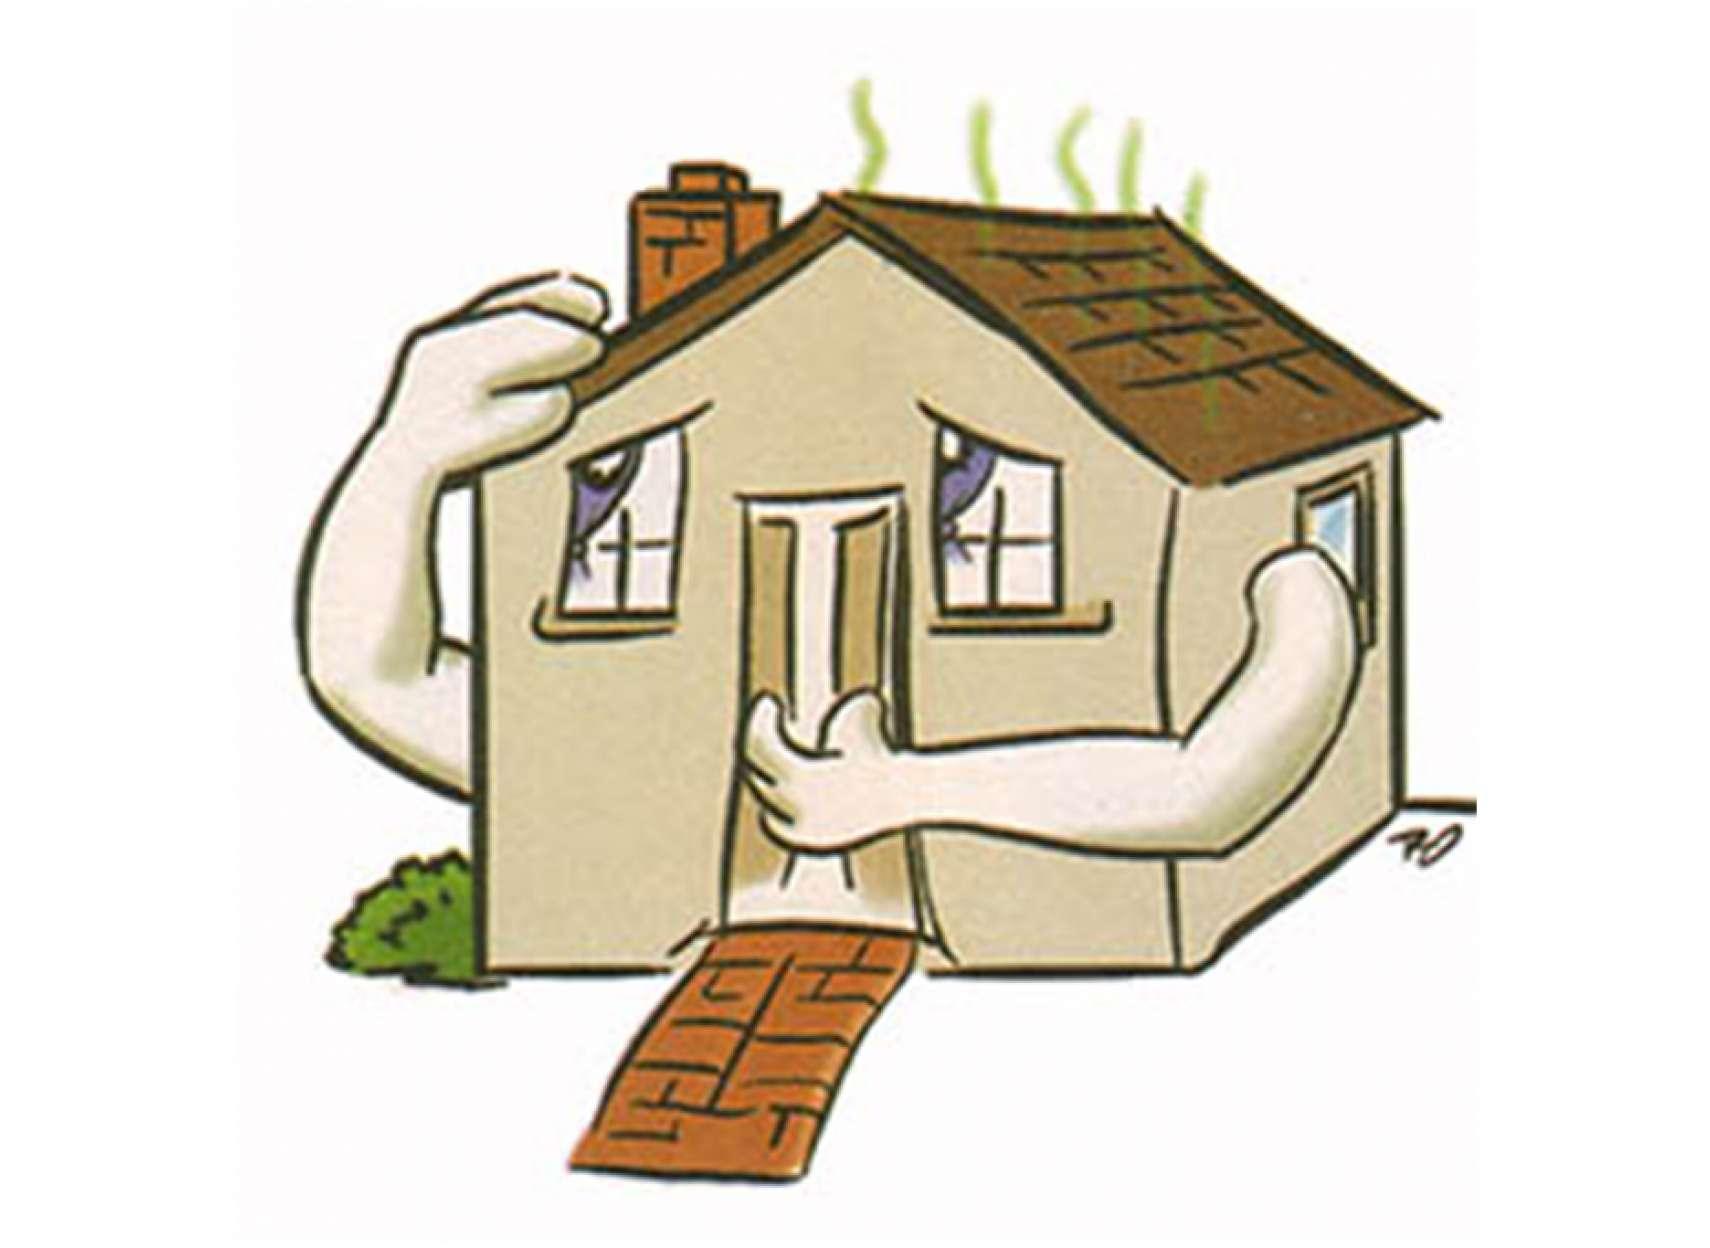 هوای-داخل-منزل-یا-بیرون-کدام-کثیفتر-است-پیمان-خانه